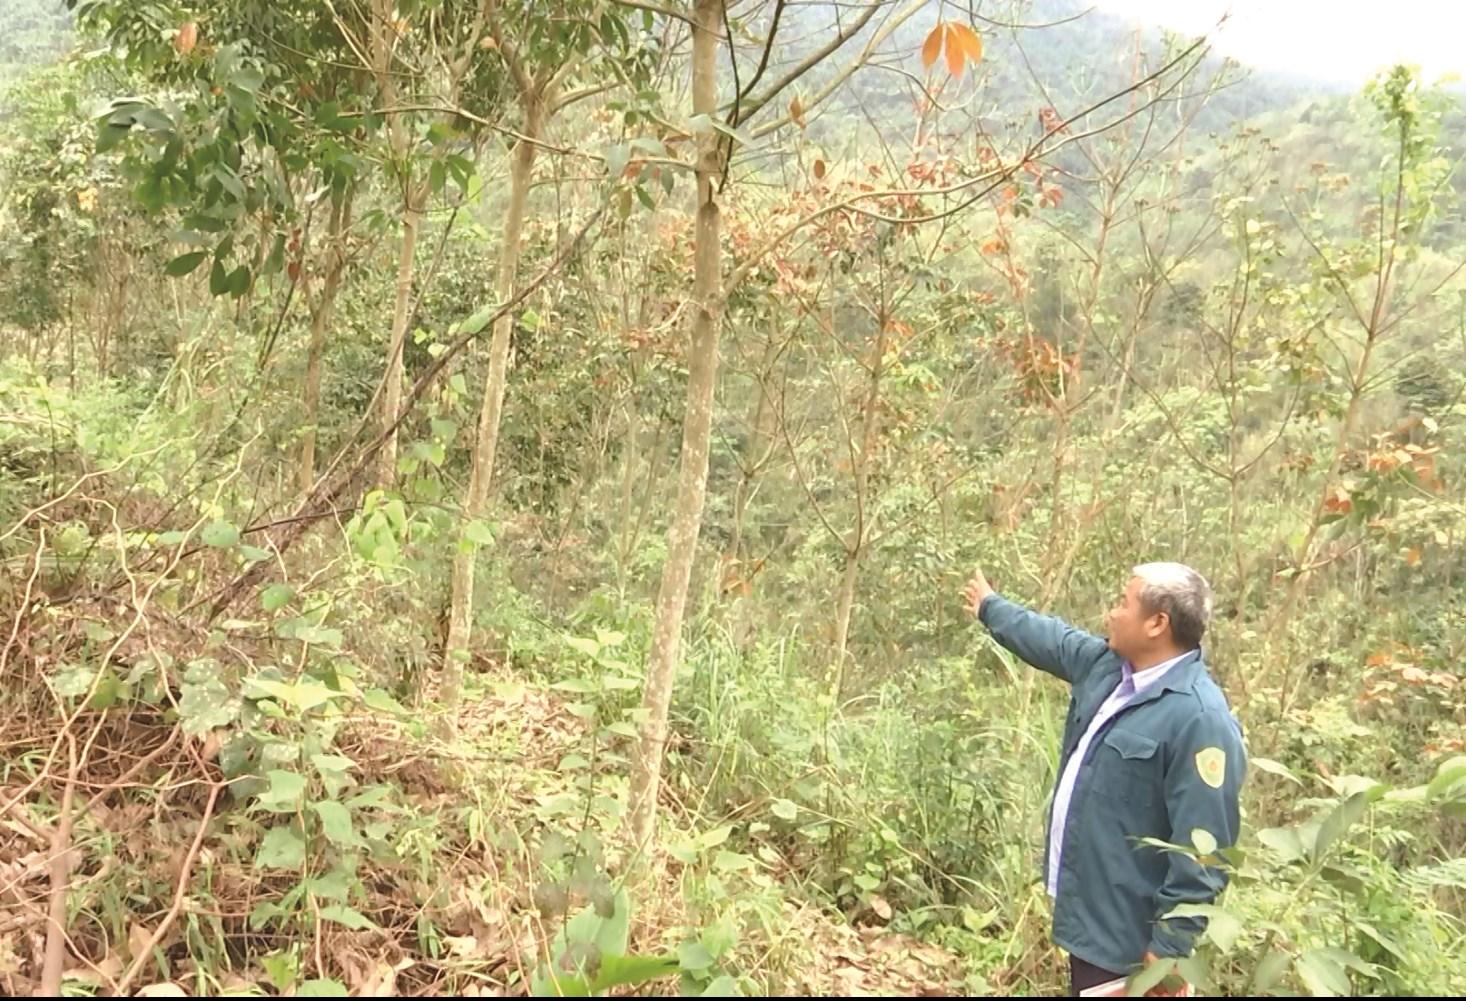 Do thị trường mủ cao su có nhiều biến động, tỉnh Lào Cai có chủ trương không mở rộng diện tích trồng cao su